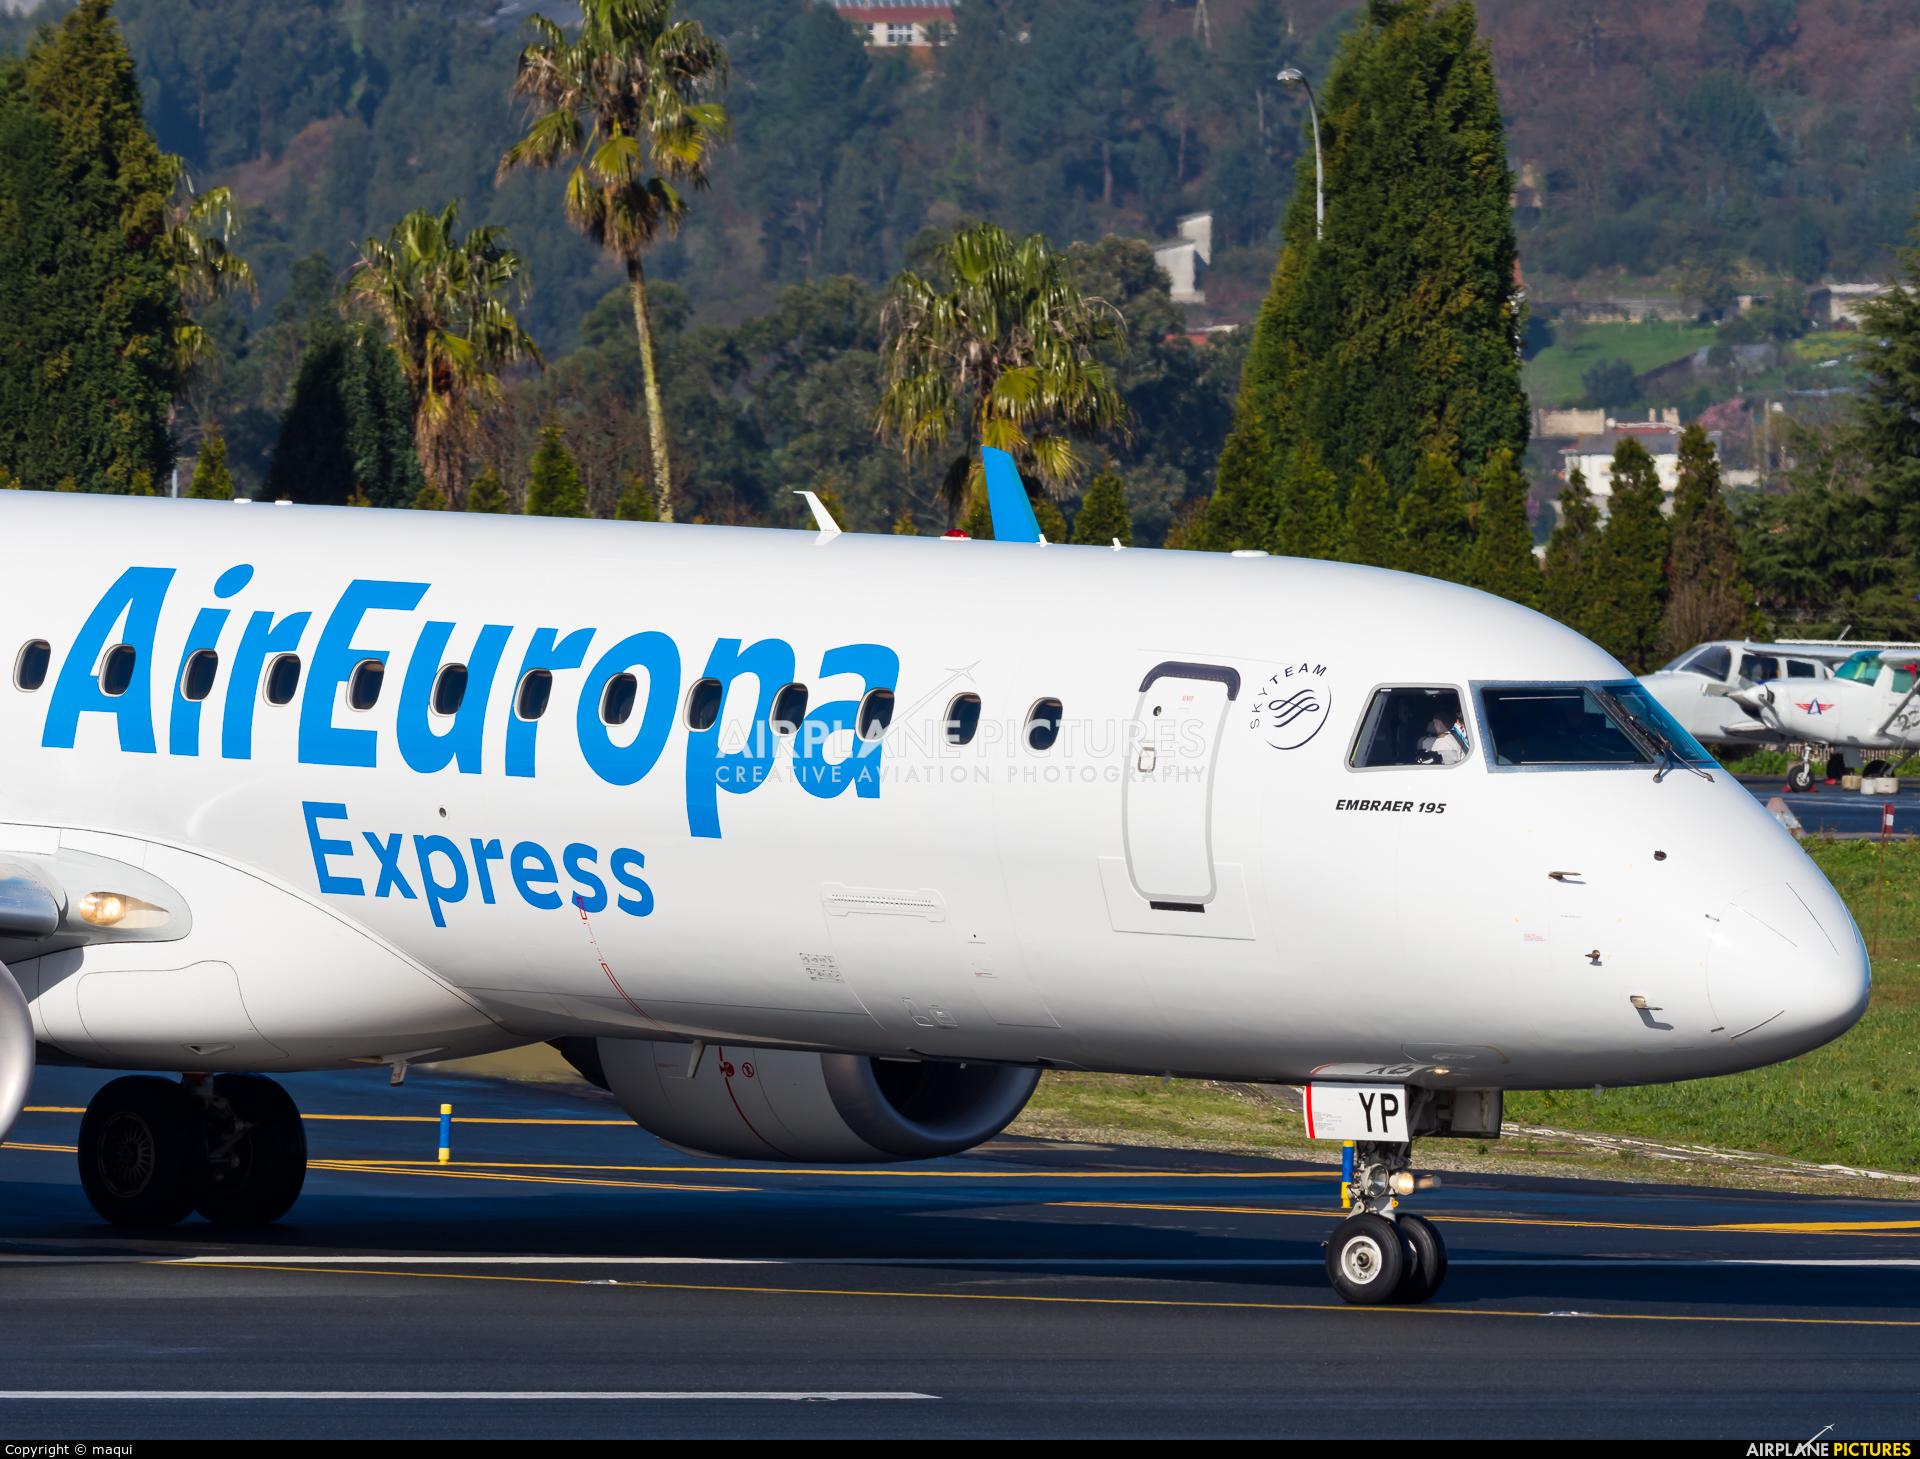 Air Europa Express EC-KYP aircraft at La Coruña